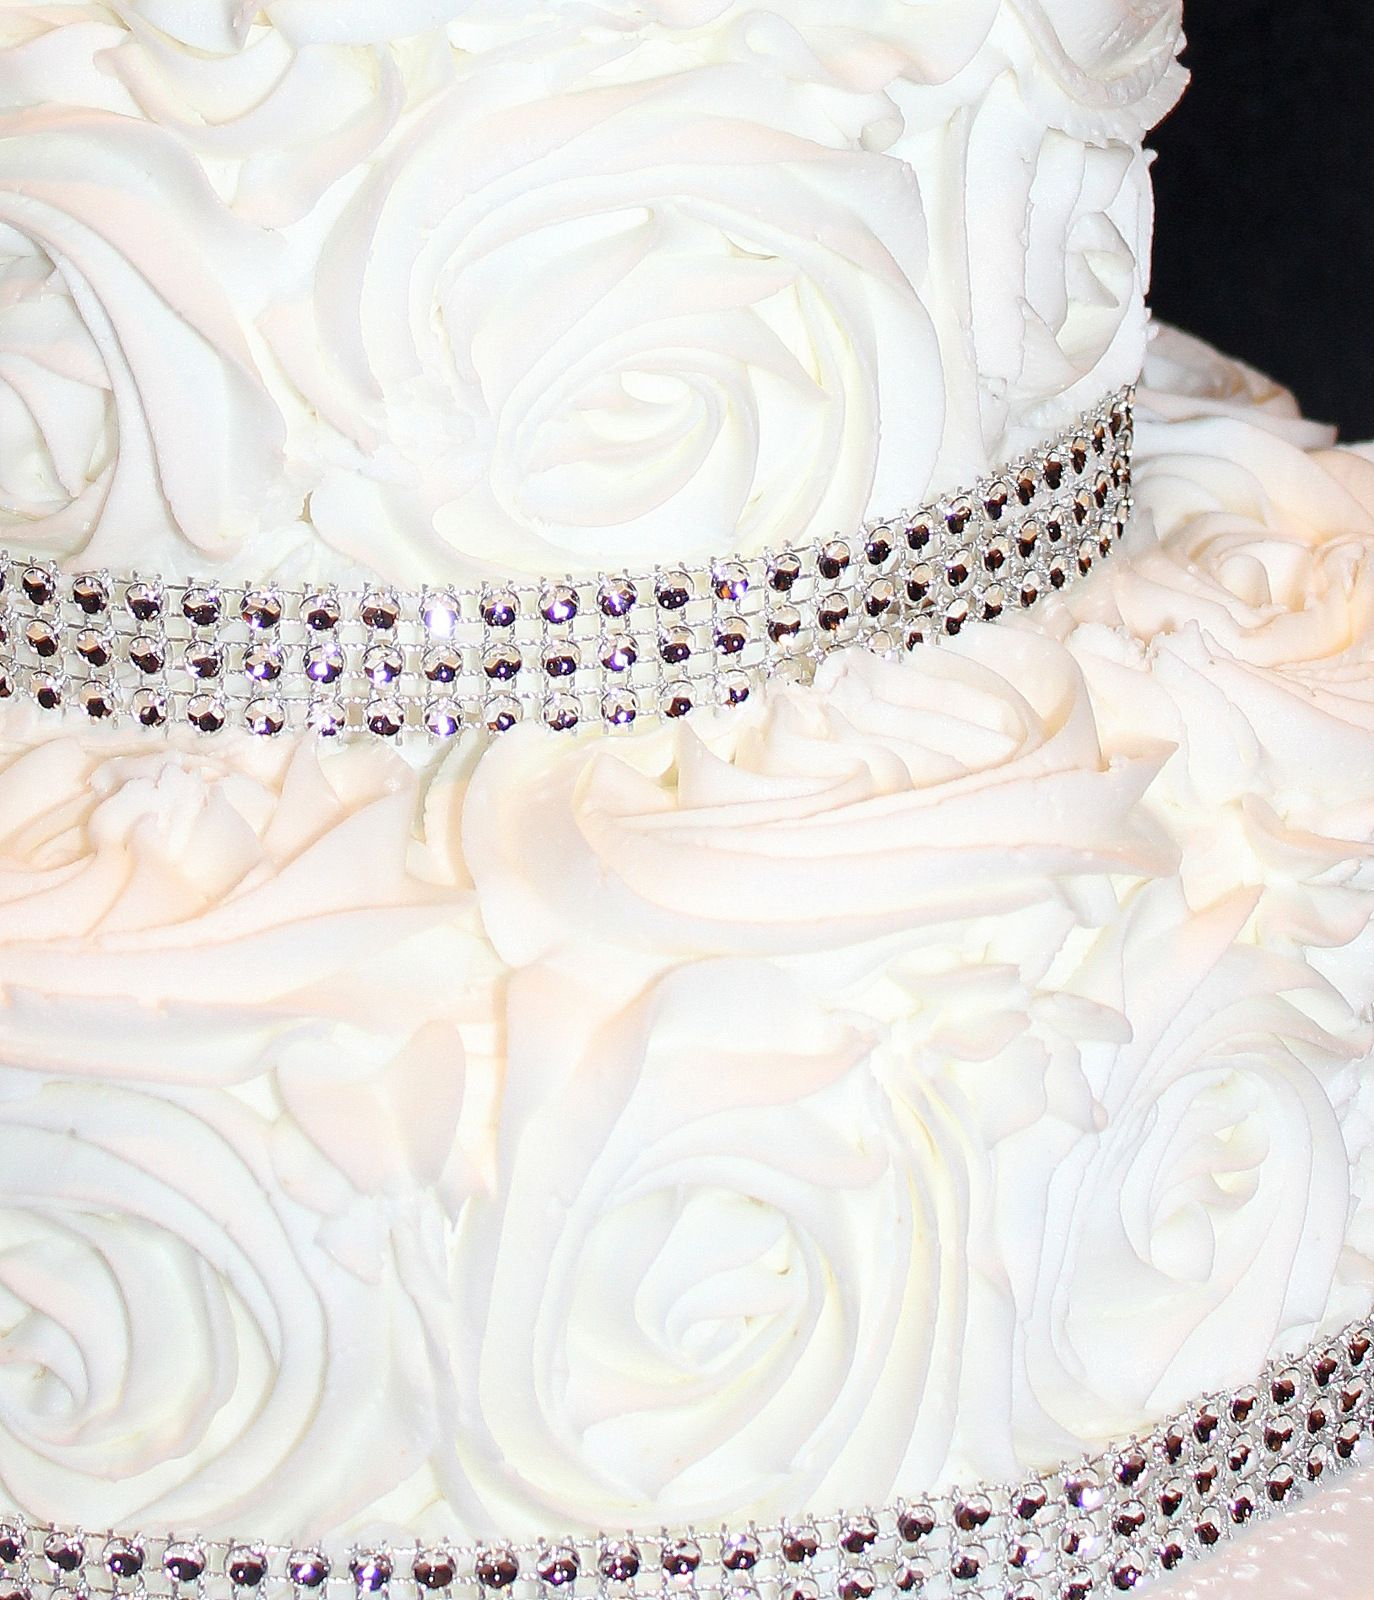 25th Wedding Anniversary Rosette cake | Let Them Eat Cake ...